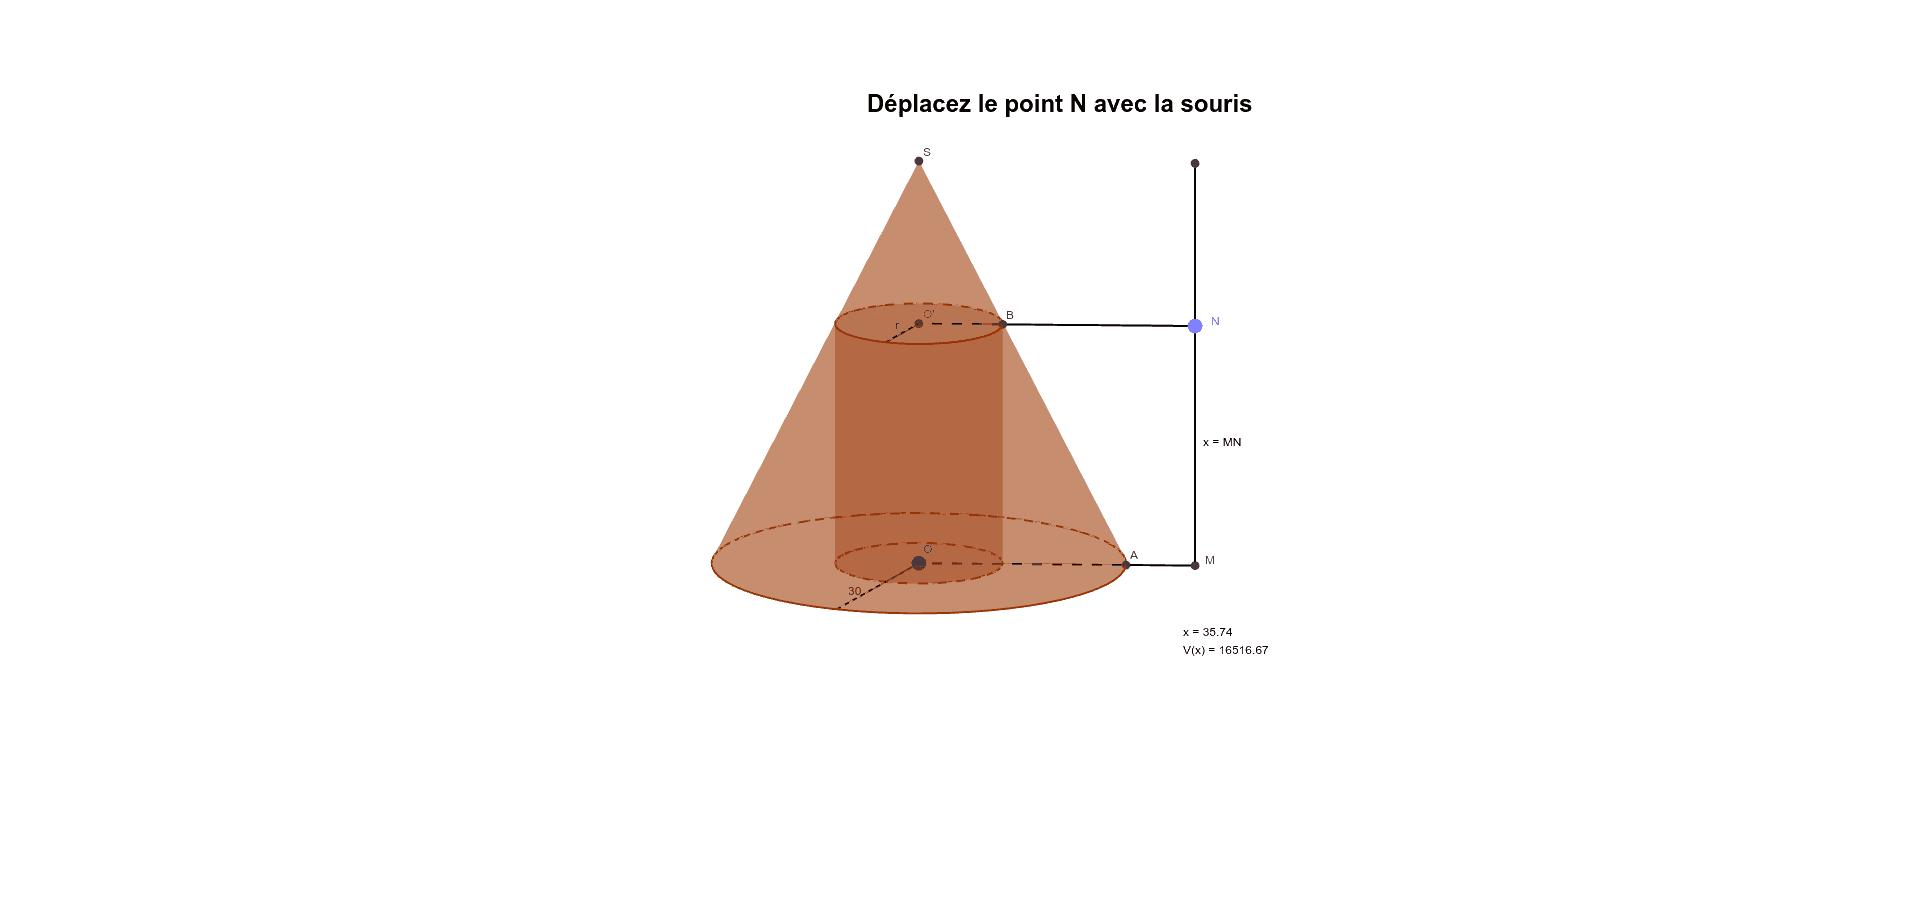 http://www.ilemaths.net/sujet-application-de-la-derivation-693887.html